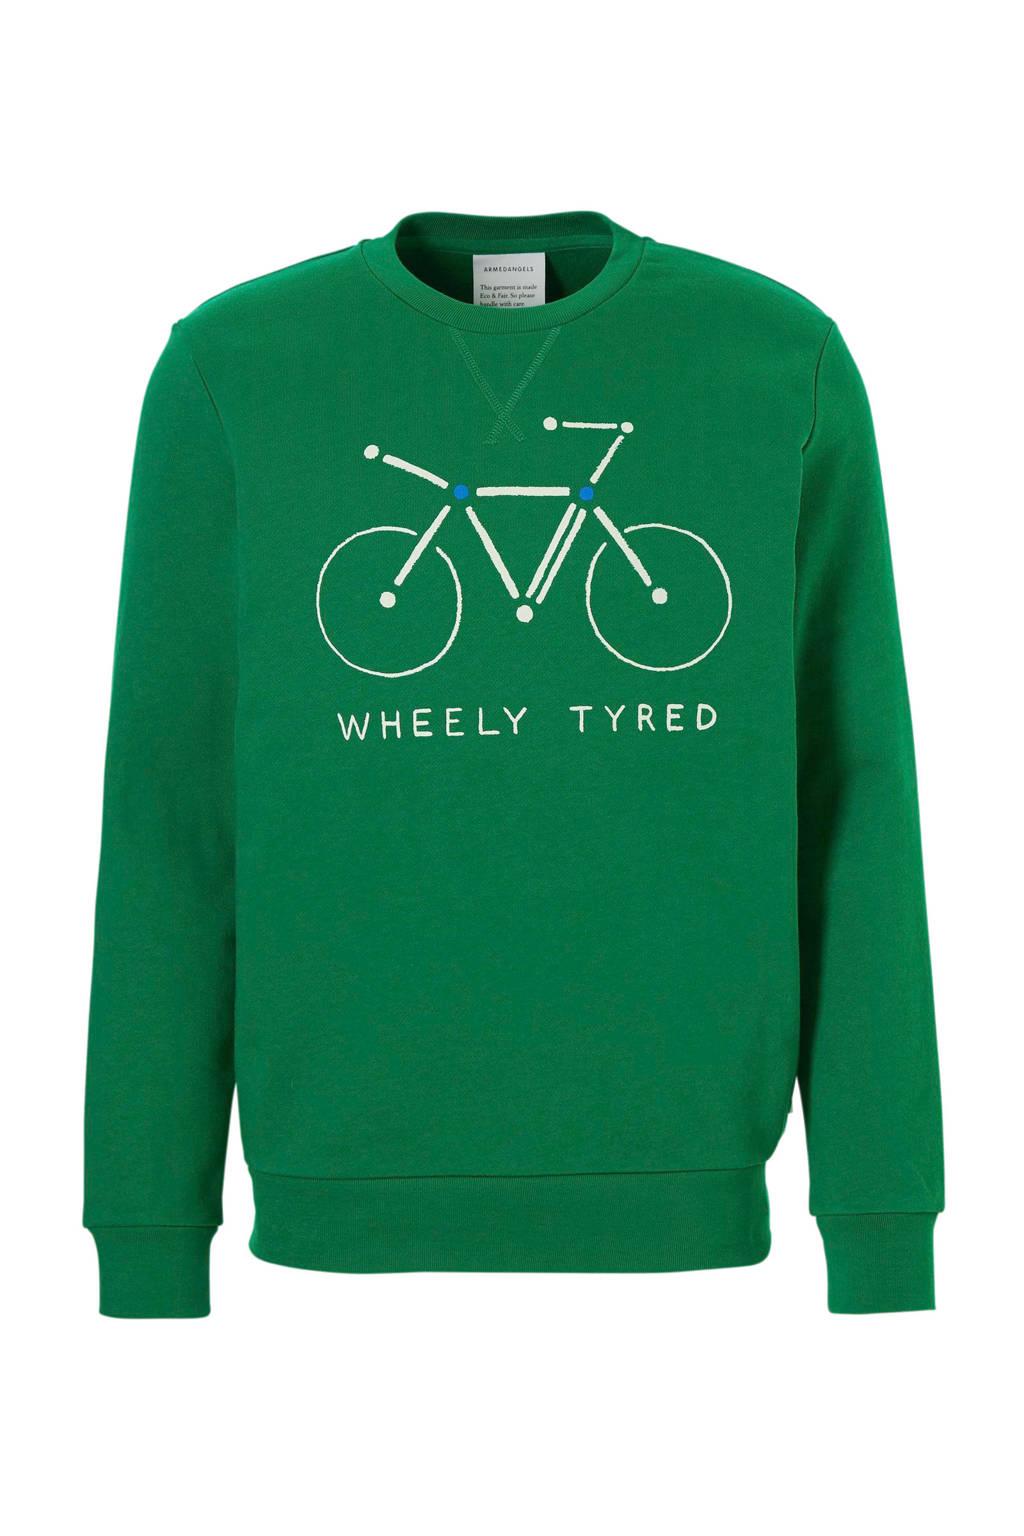 ARMEDANGELS sweater met printopdruk, Groen